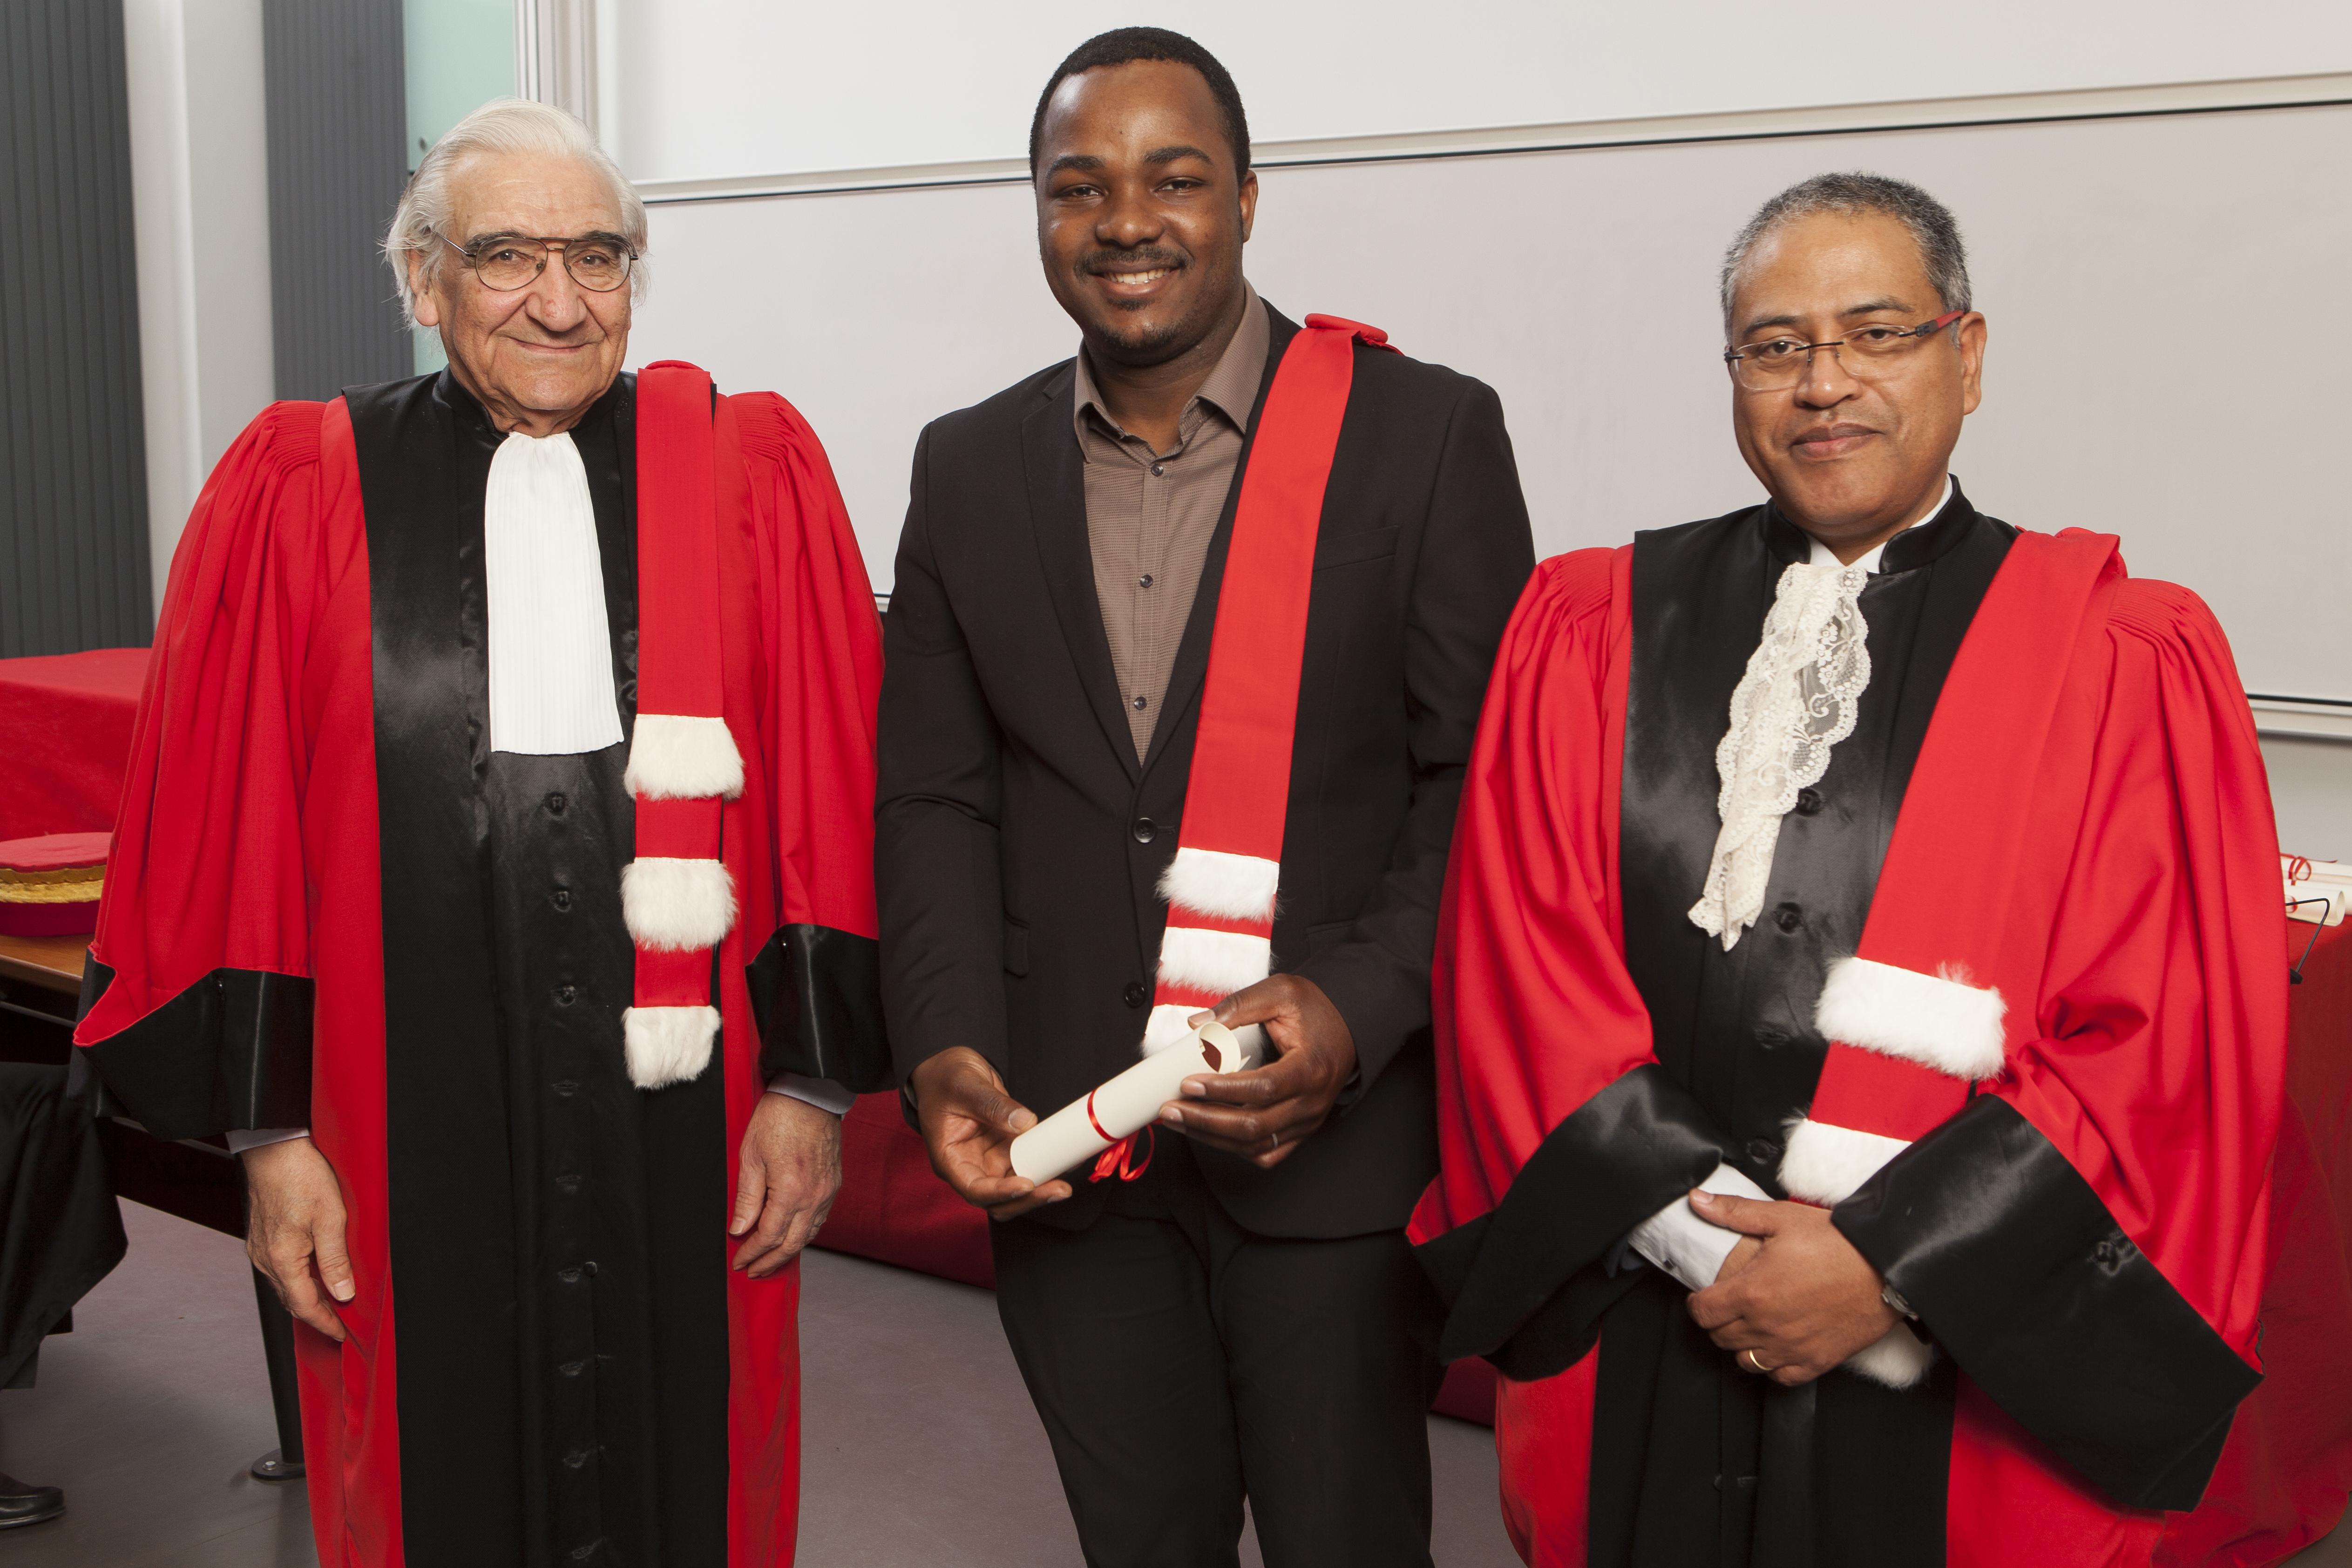 Cérémonie de remise des épitoges 2016, François Roujou de Boubée, un doctorant et Joël Andriantsimbazovina, Directeur Ecole Doctorale